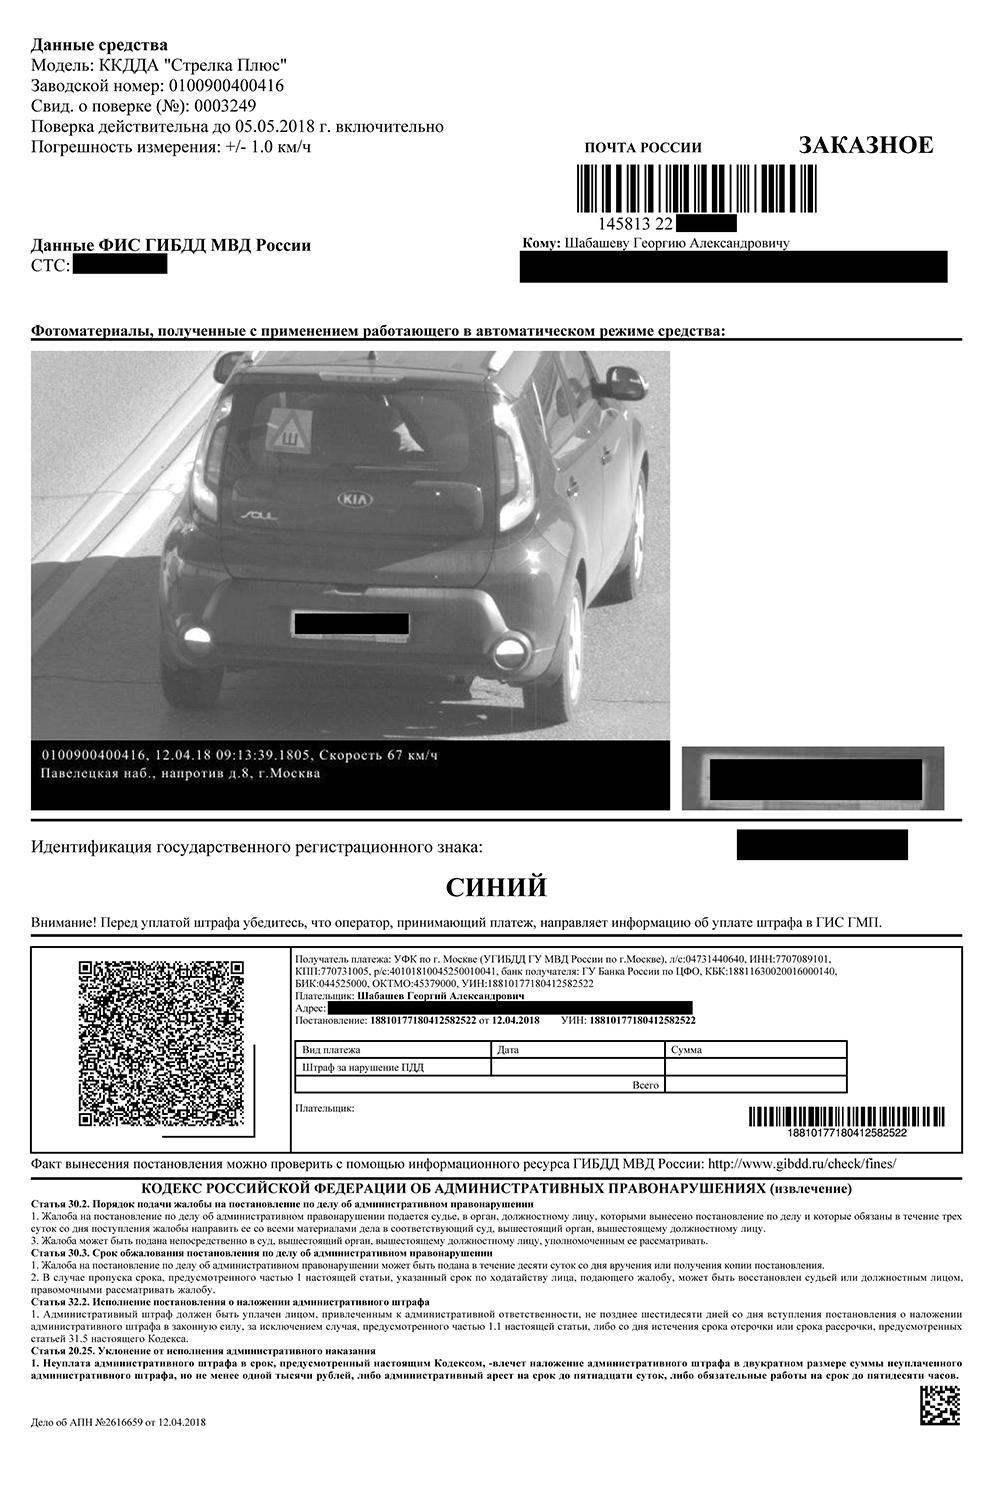 Как посмотреть автомобильные штрафы гибдд